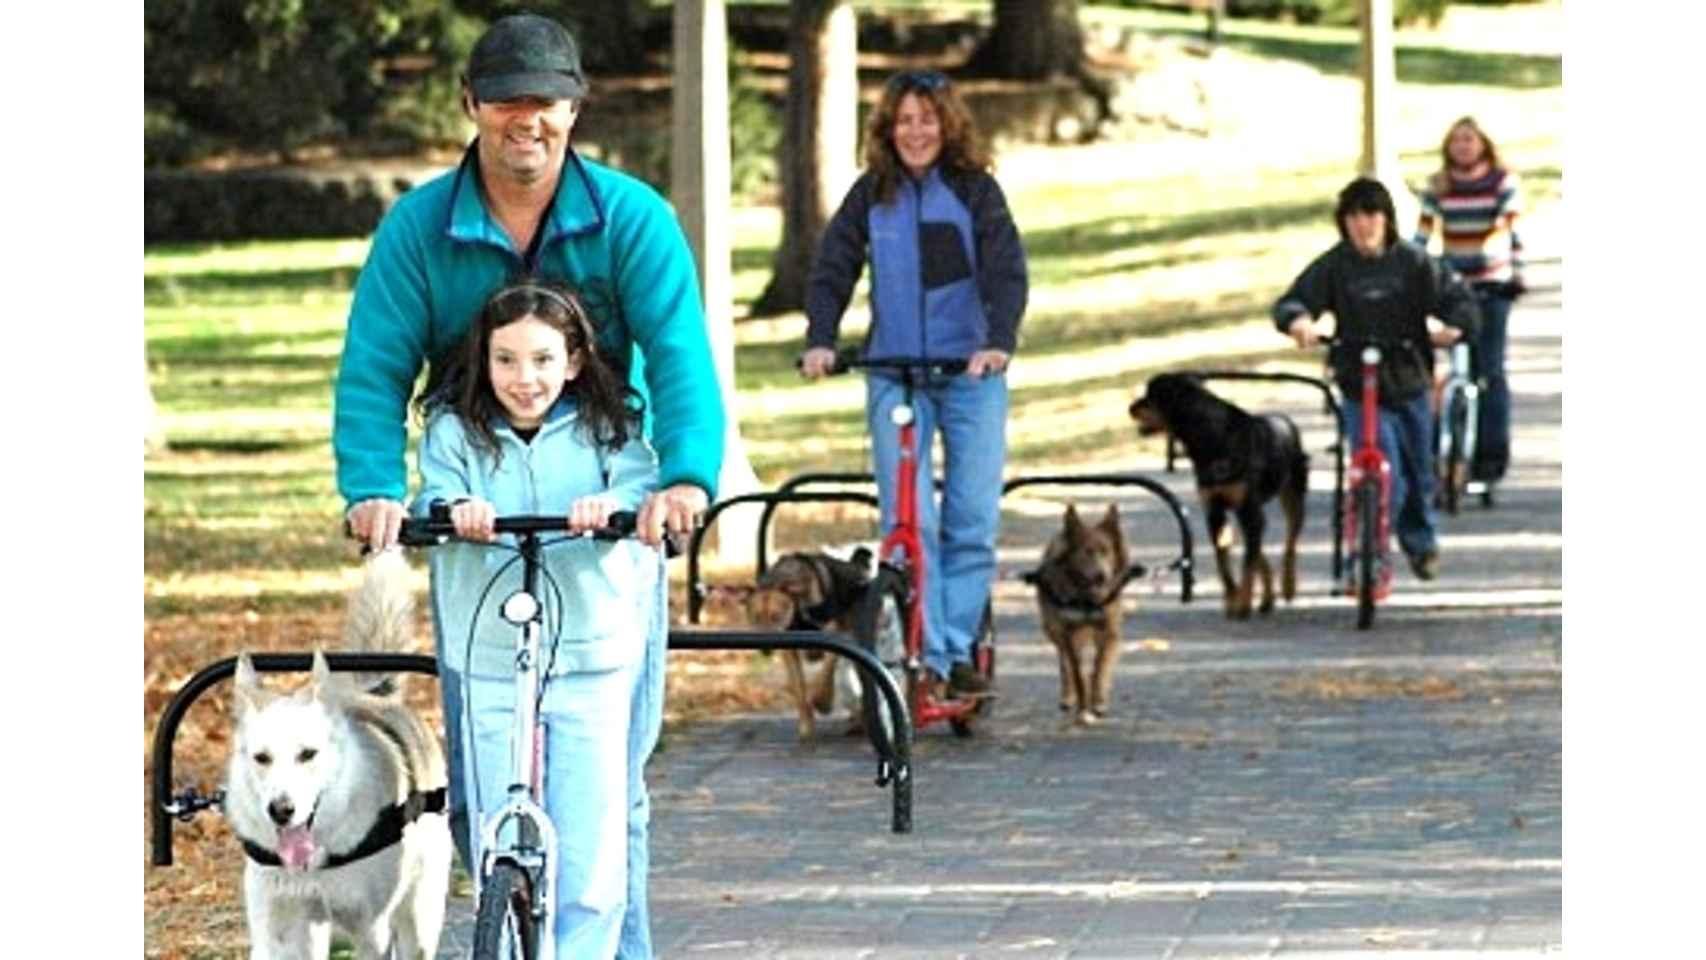 Transportes originales para llevar a más de un perro yendo en bicicleta.